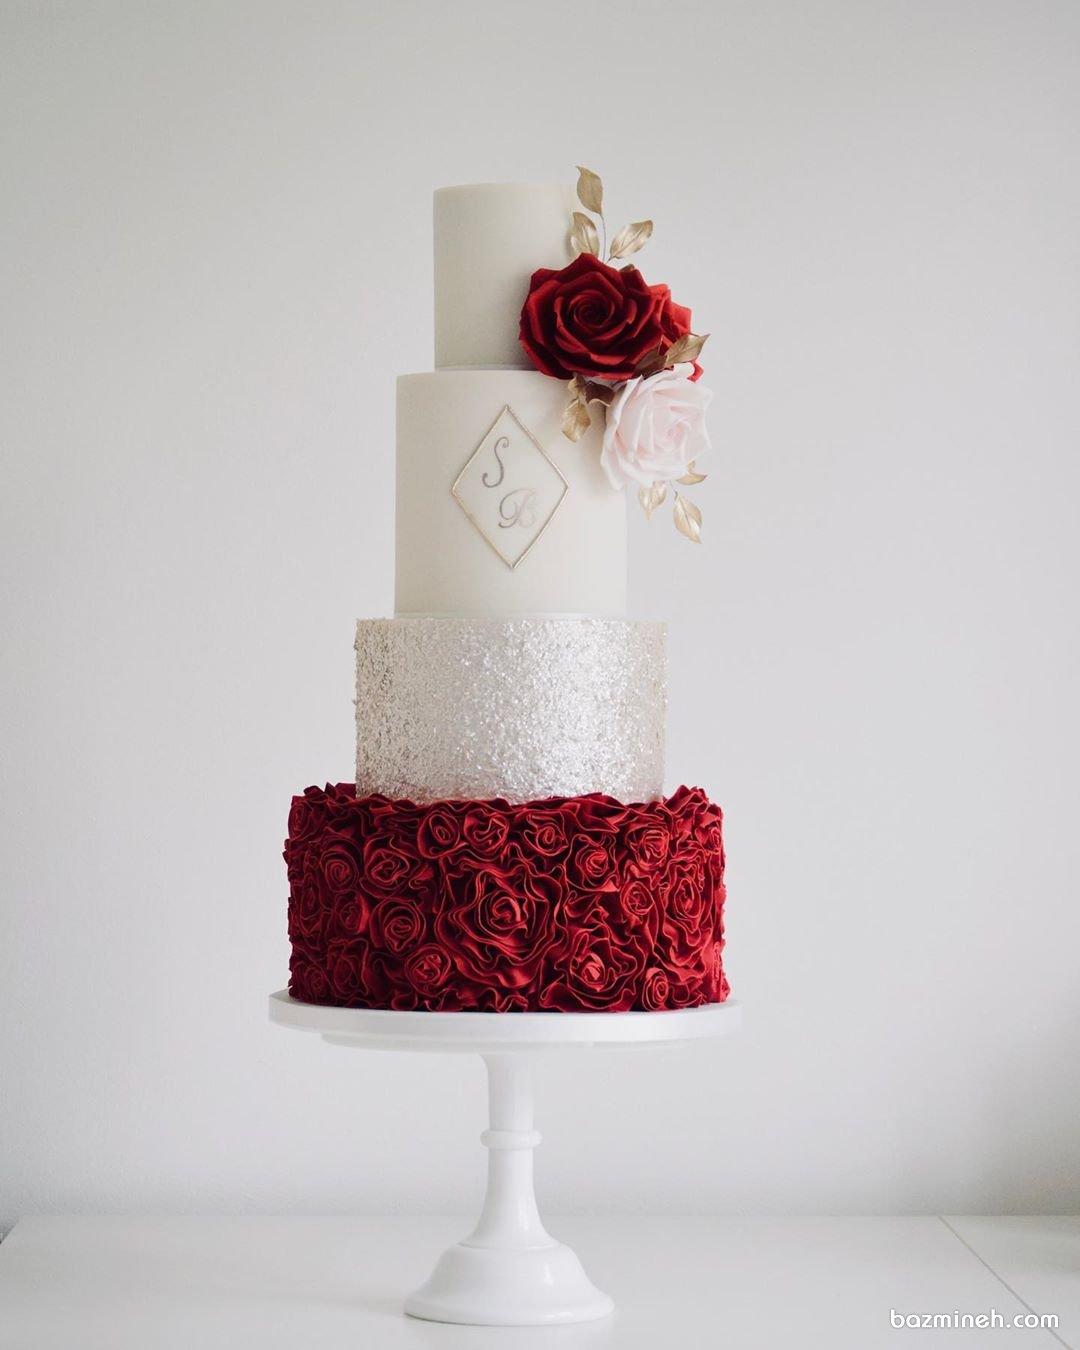 کیک چند طبقه خامهای جشن نامزدی یا عروسی با تم سفید قرمز